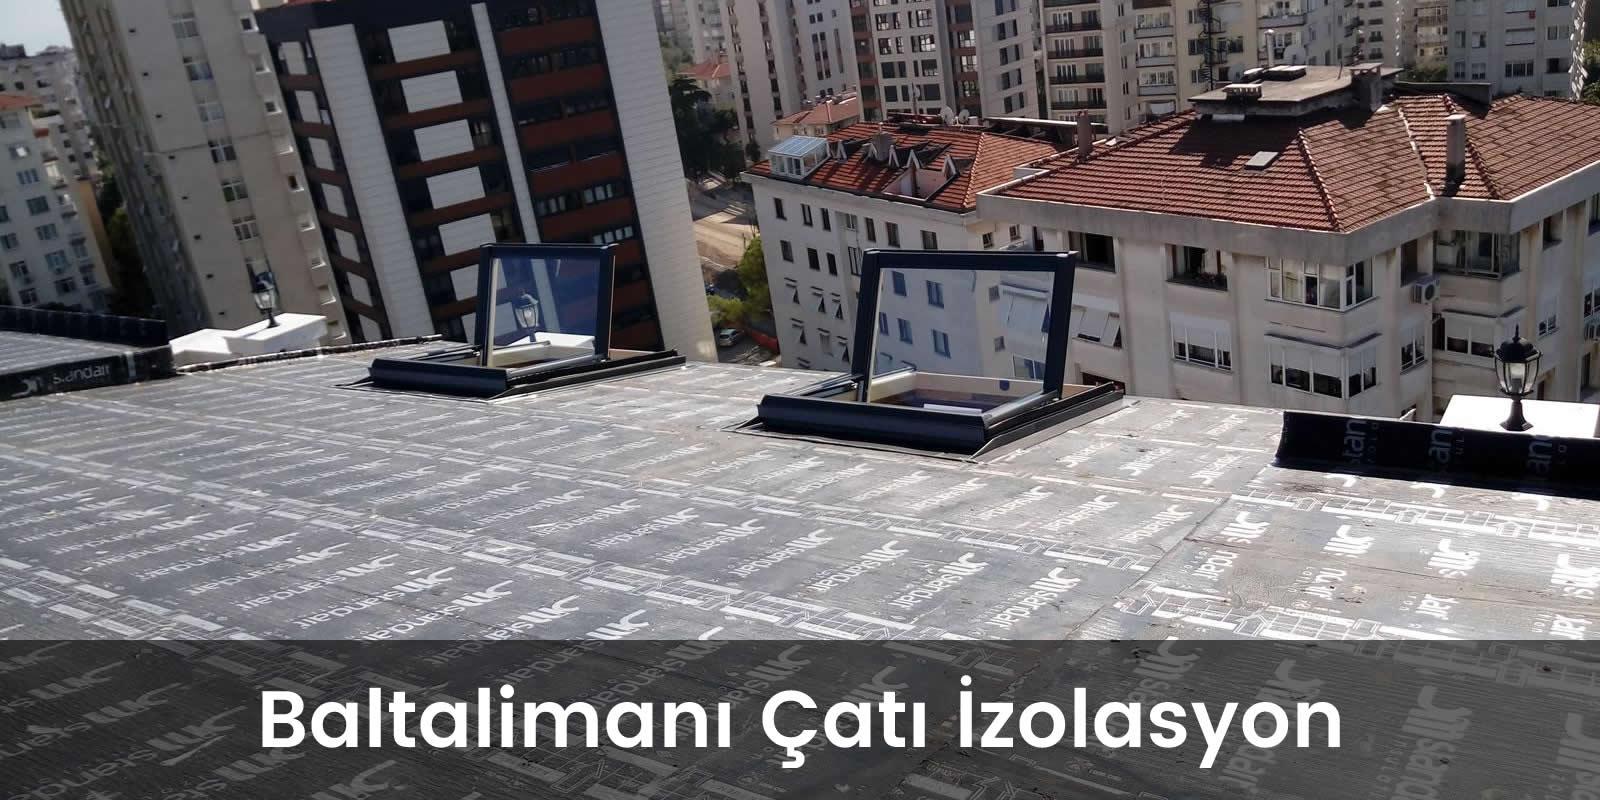 Baltalimanı Çatı İzolasyonu